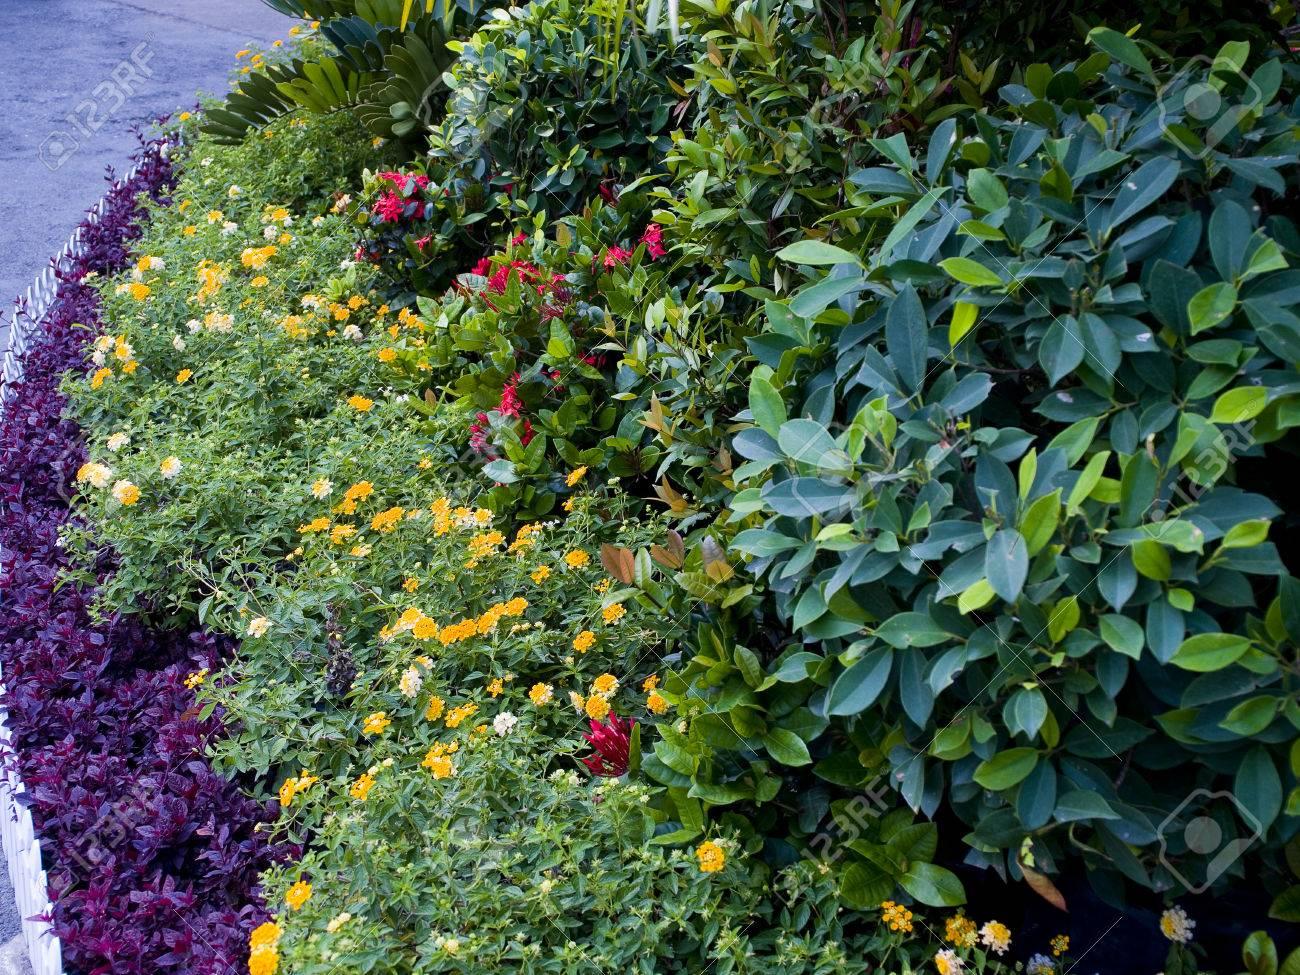 Piante Per Recinzioni Giardino.Immagini Stock Un Piccolo Giardino Con Piante Ornamentali Colorate